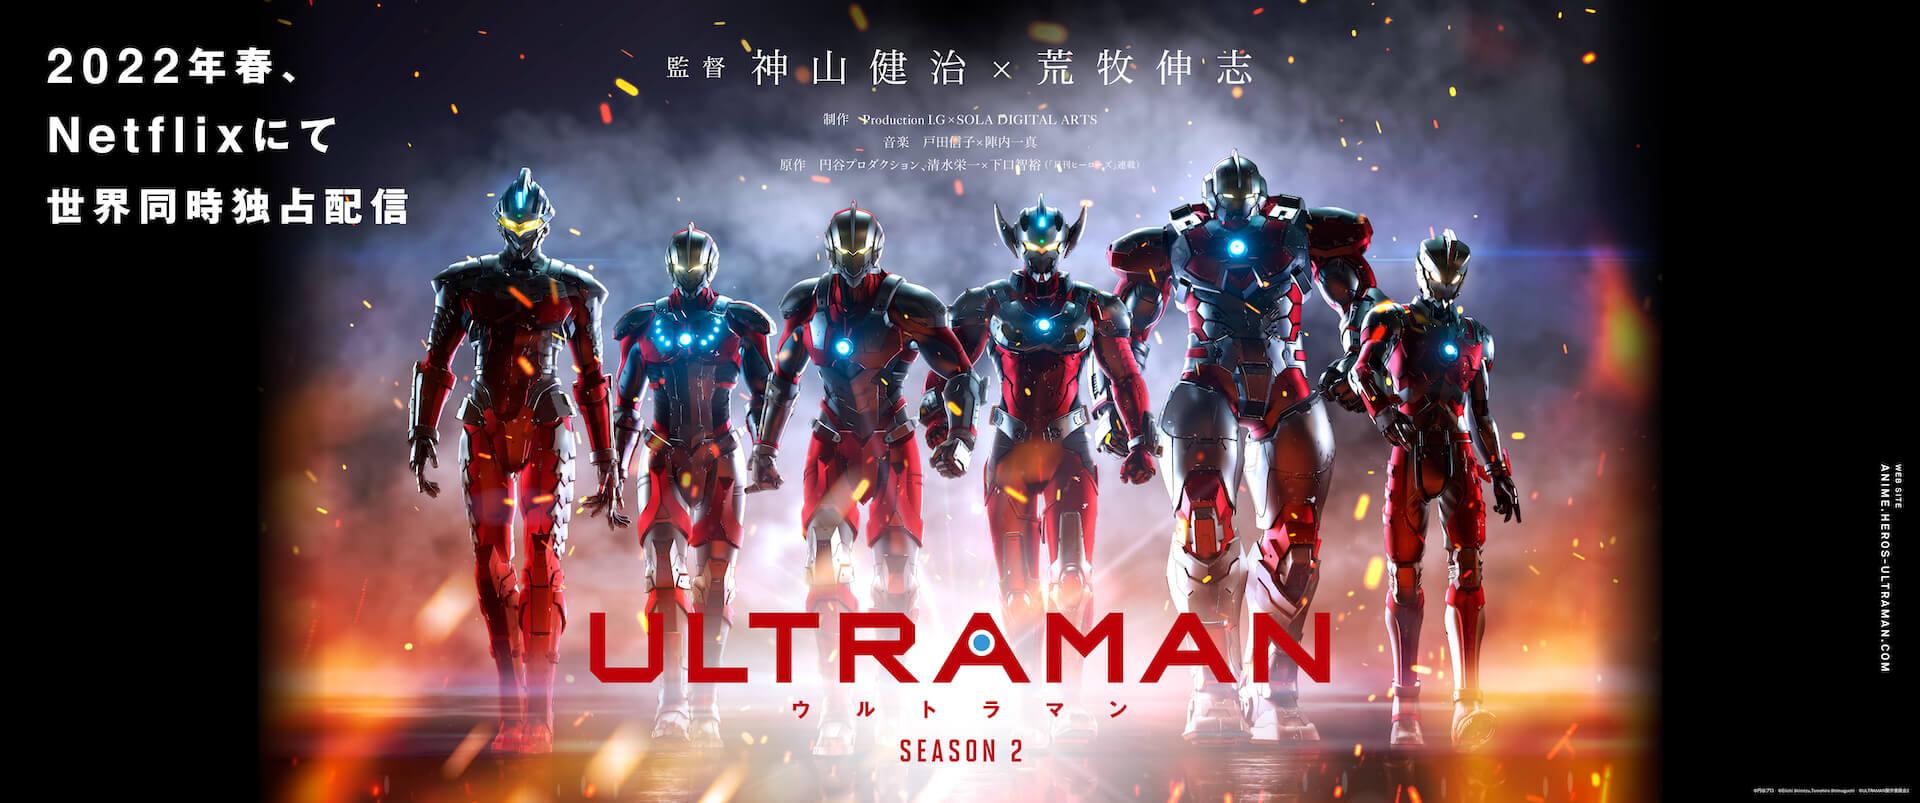 """伝説のウルトラ""""6戦士""""が集結!Netflixで配信予定の『ULTRAMAN』シーズン2ティザービジュアルがついに解禁 art210925_ultraman_4"""